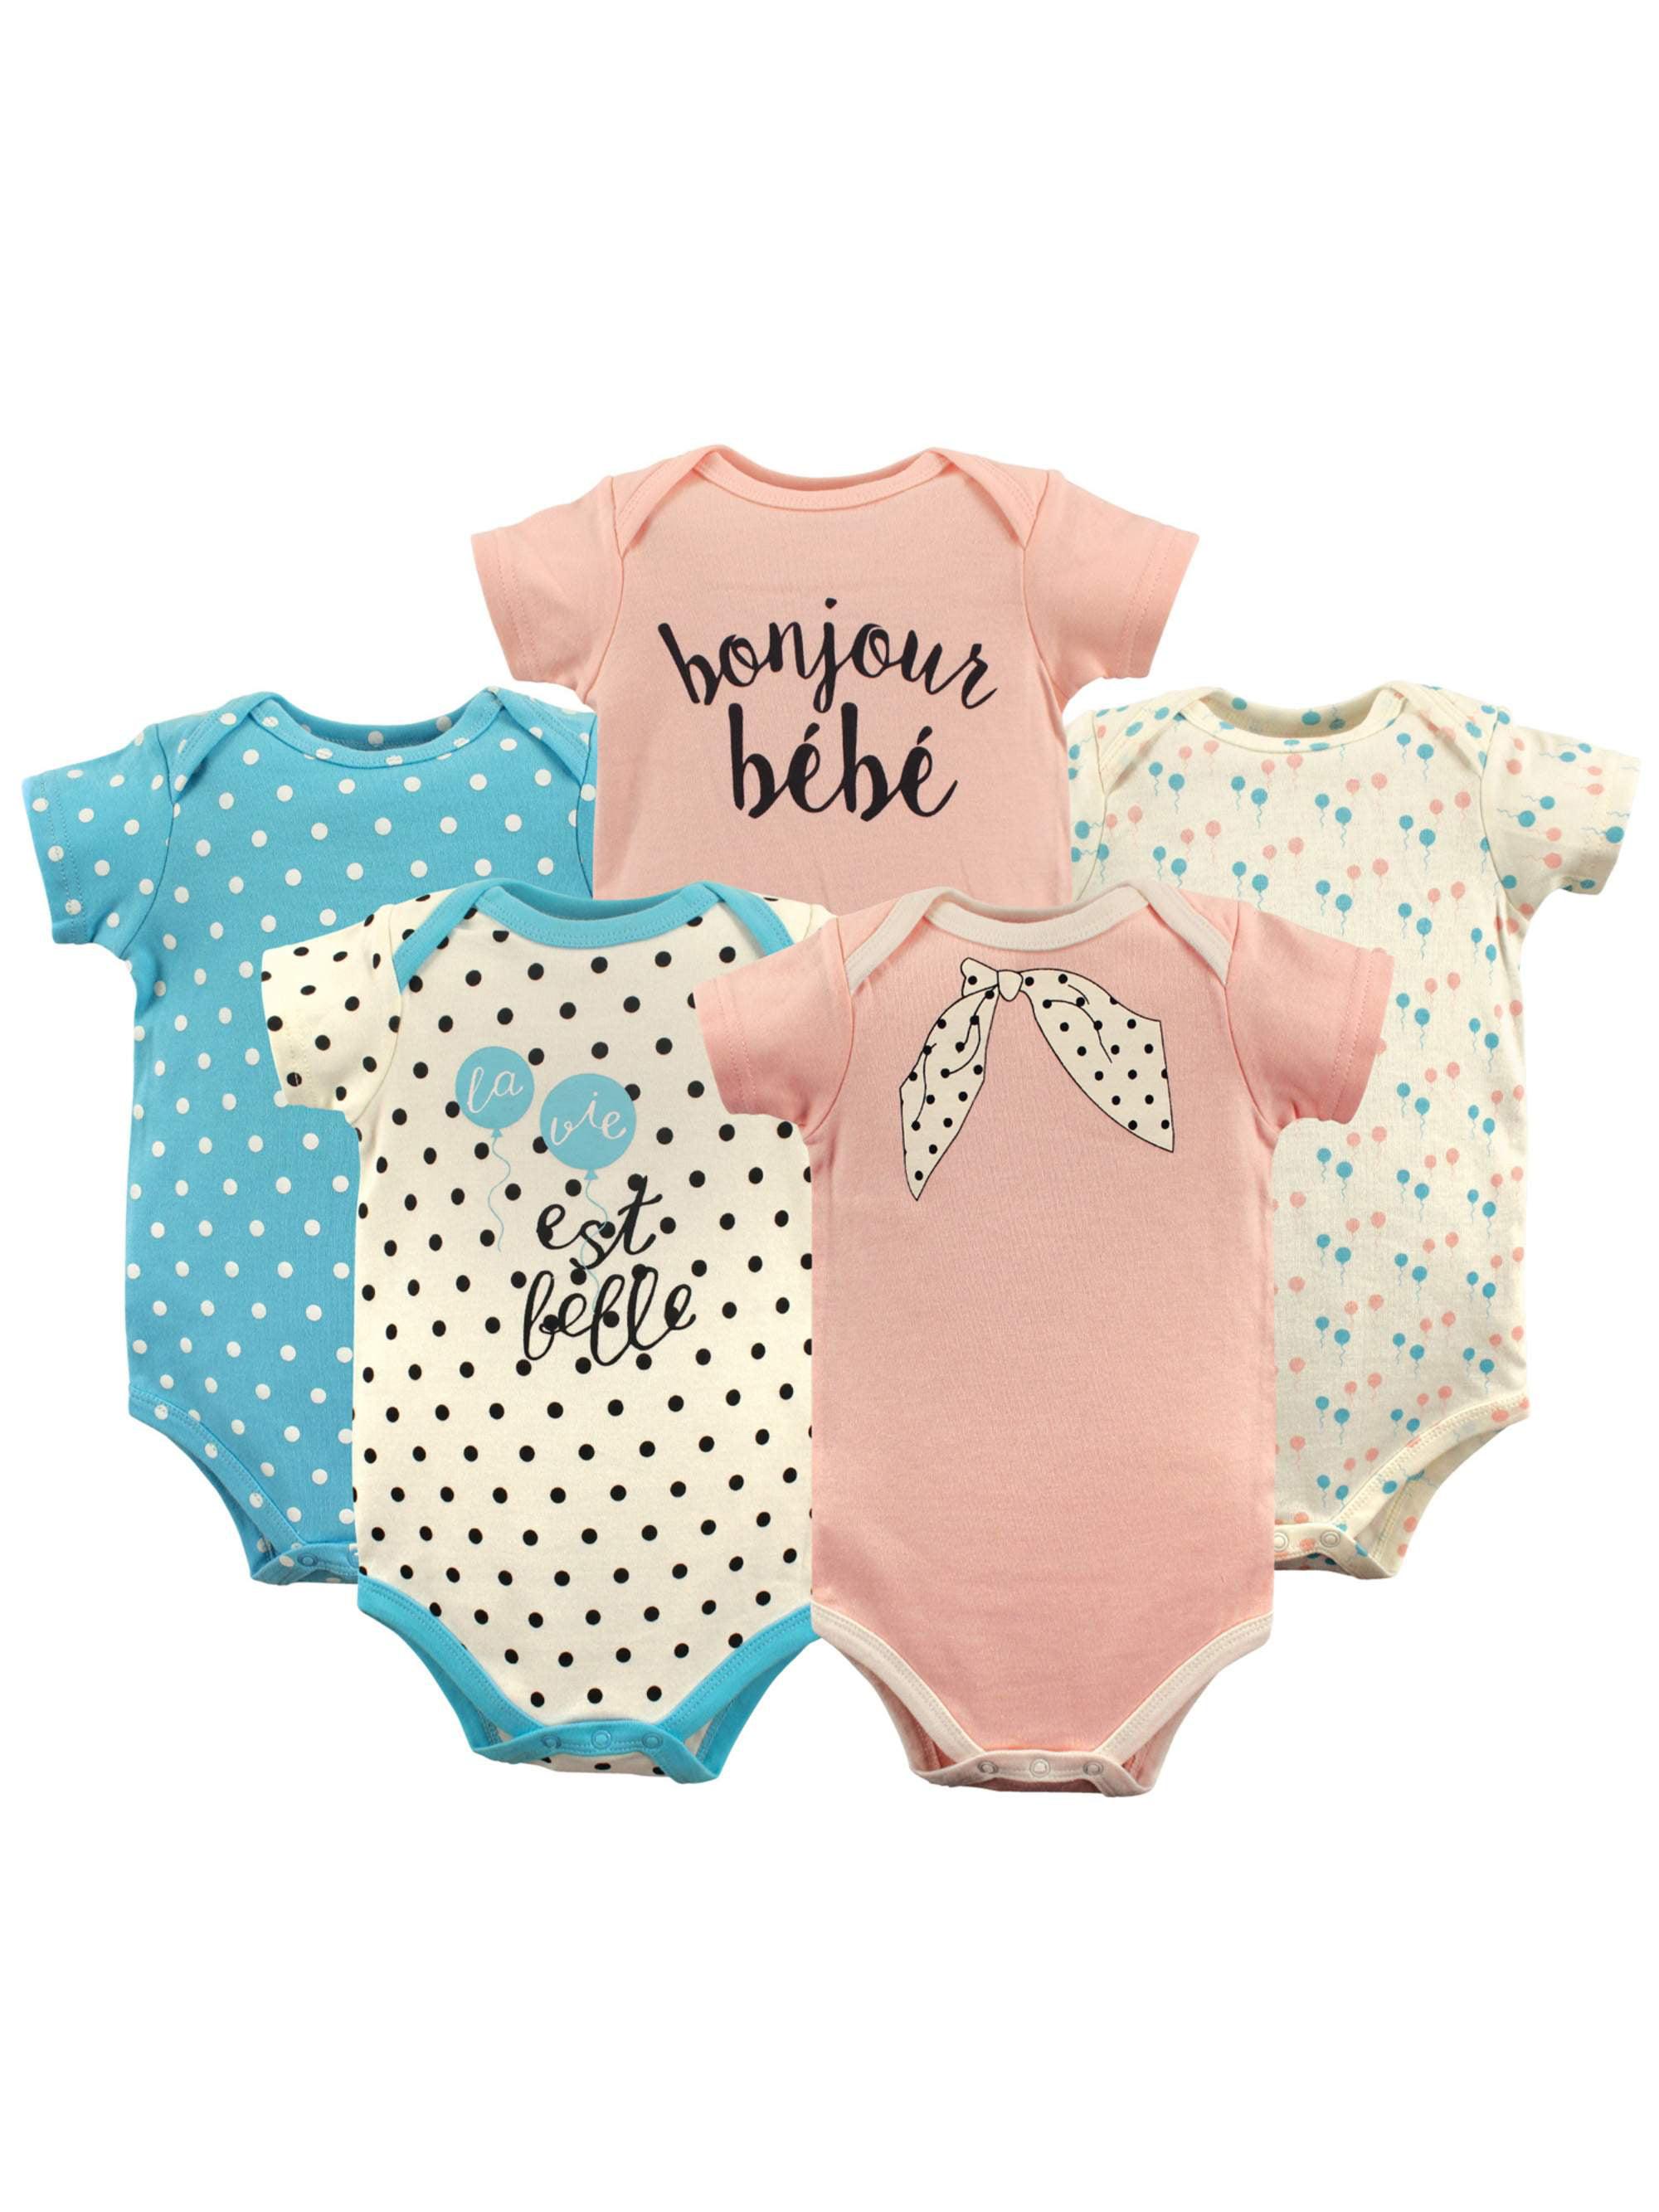 Basics Baby Girl Bodysuits, 5-pack